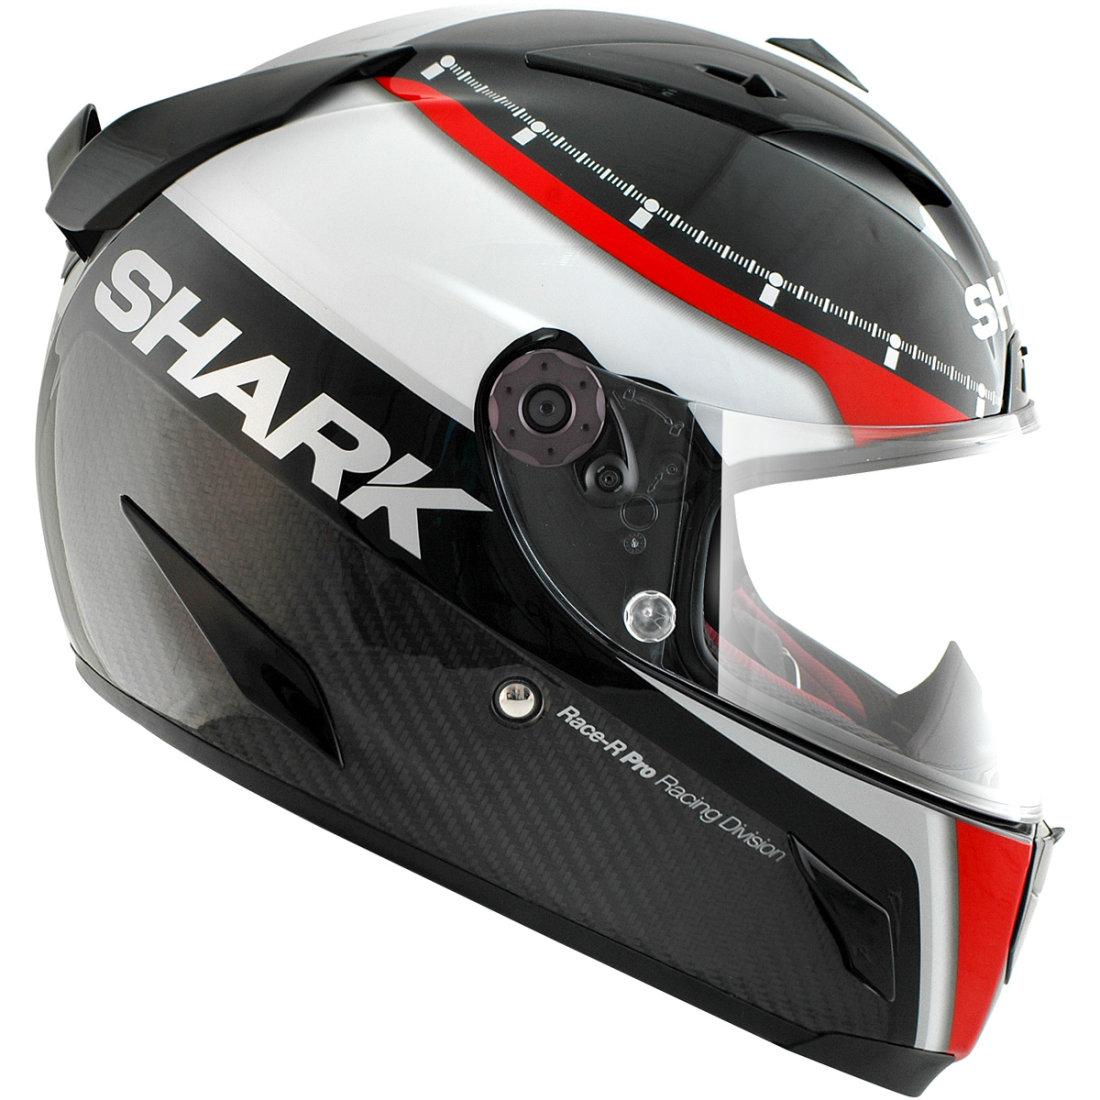 shark race r pro carbon racing division n bl r helmet motocard. Black Bedroom Furniture Sets. Home Design Ideas